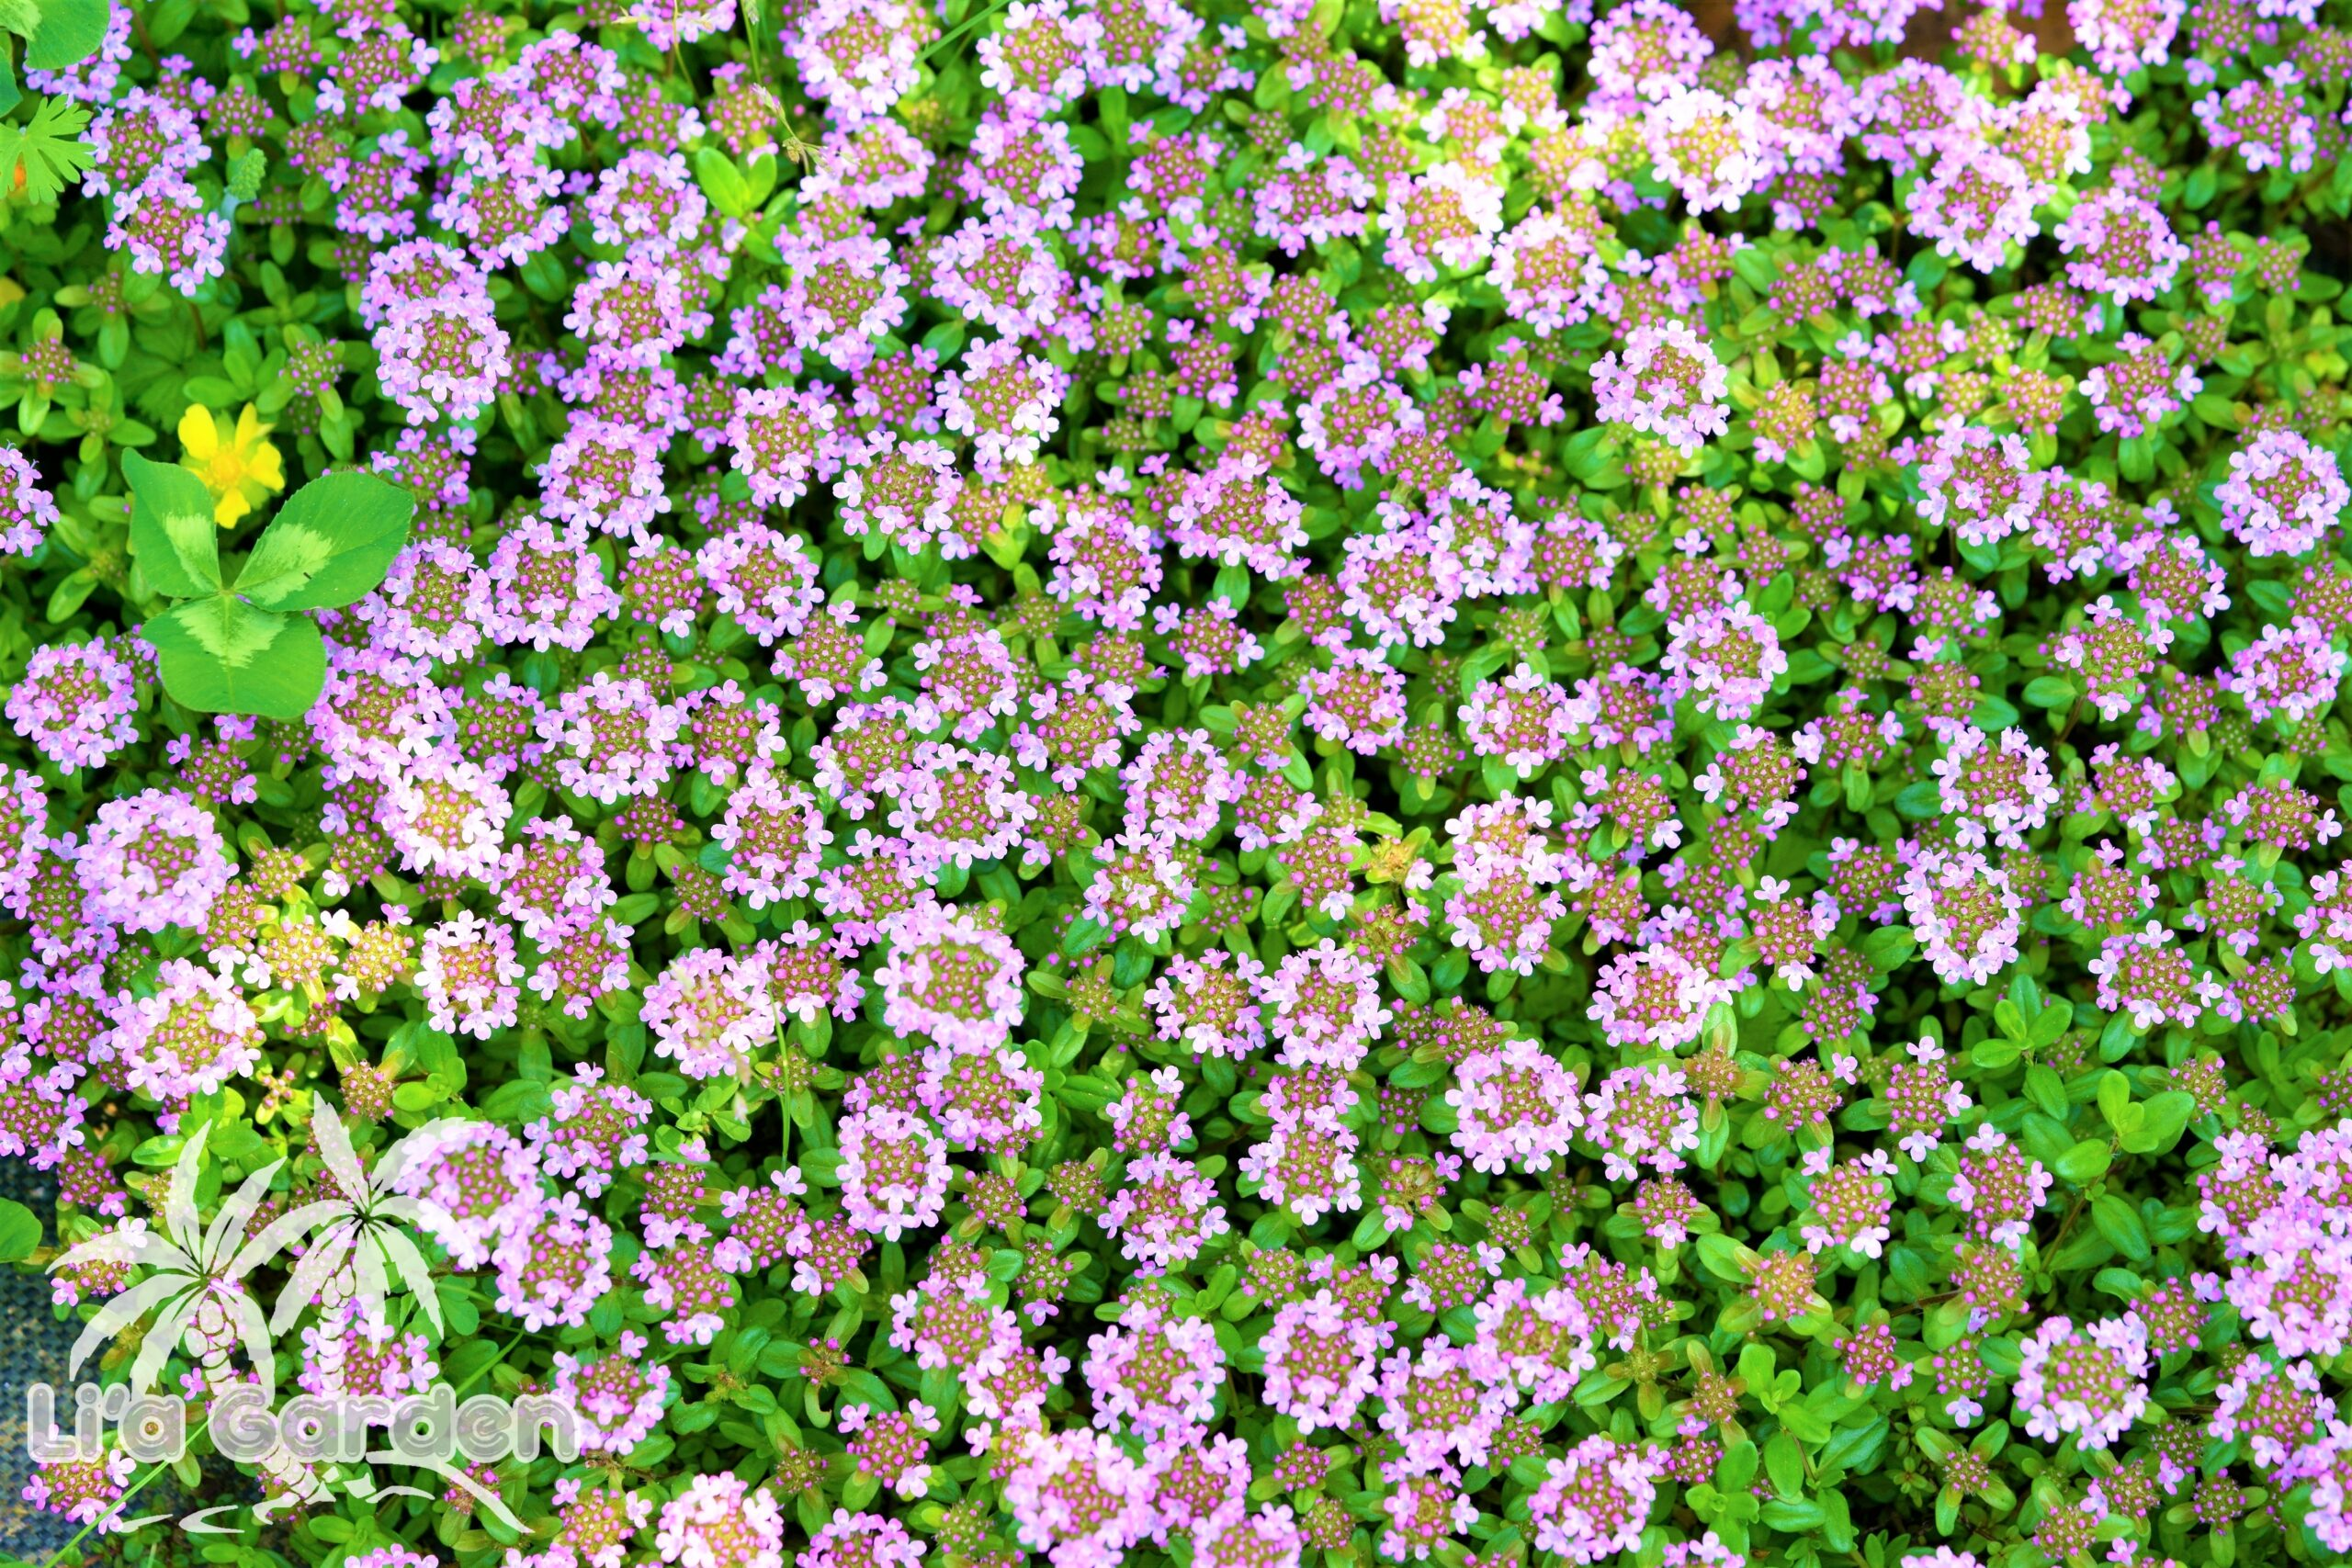 【グランドカバー】 クリーピングタイム Thymus serpyllum 〈常緑多年草〉